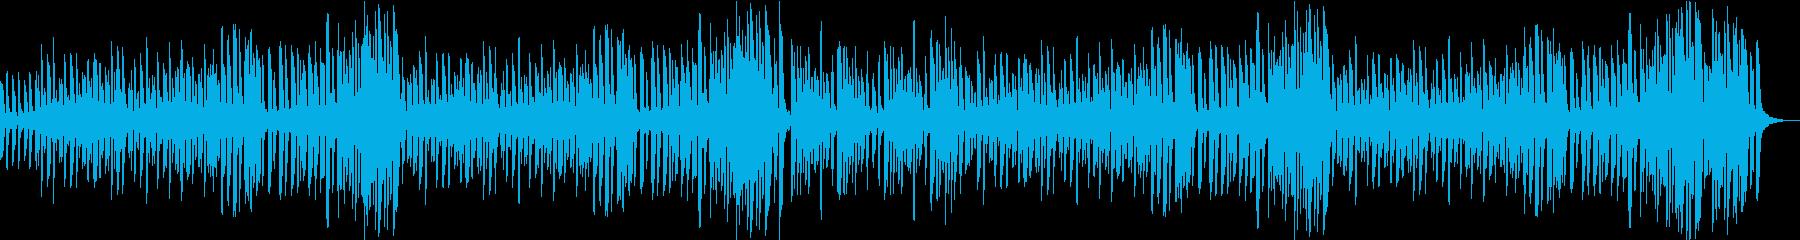 ピアノソロ/明るい/楽しい/ラグタイムの再生済みの波形